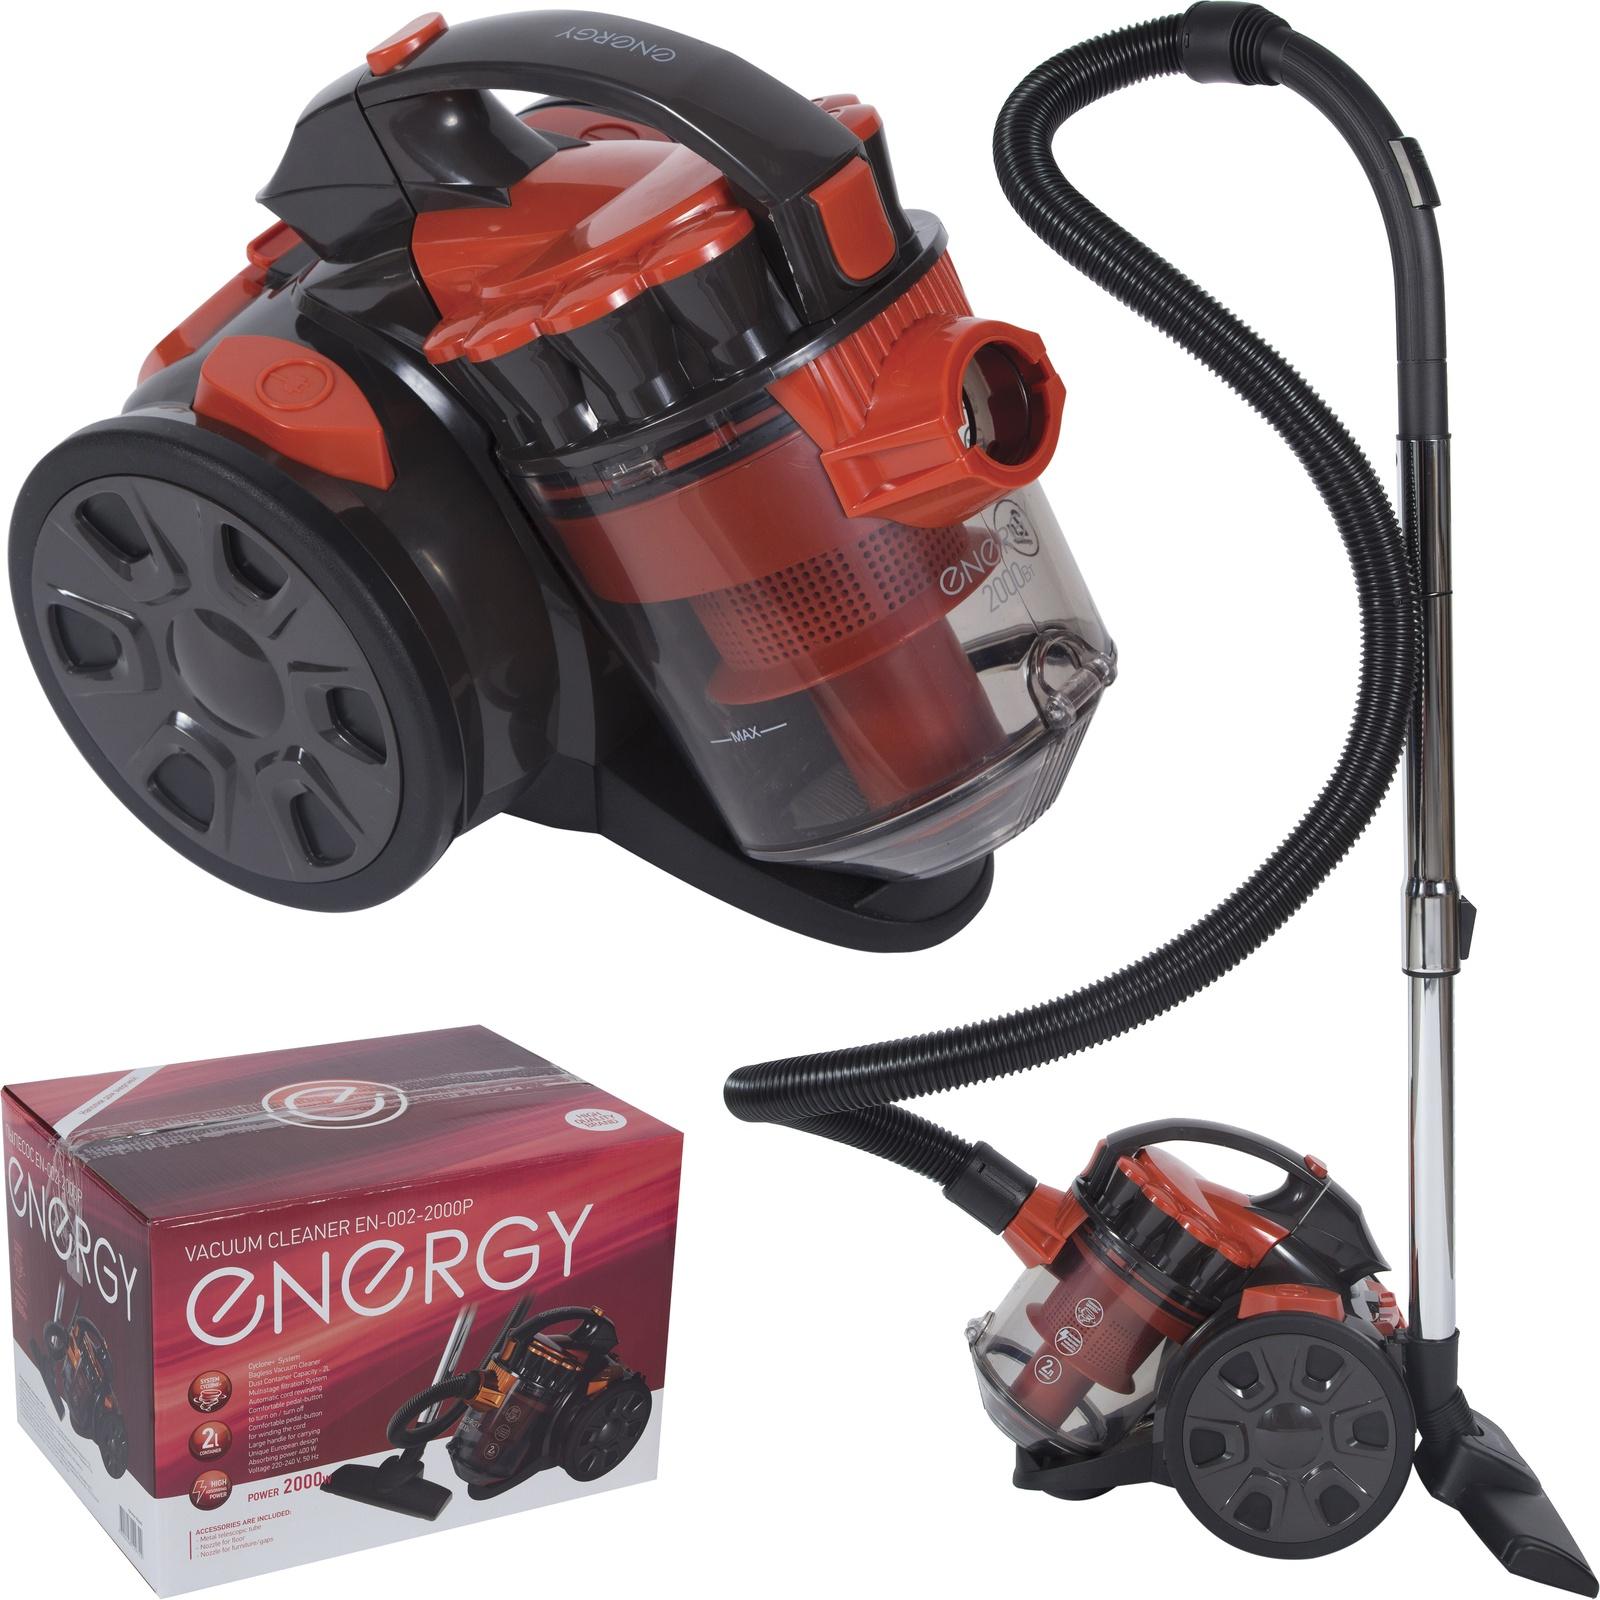 все цены на Бытовой пылесос ENERGY EN-002-2000Р, 54 004699, красный, черный онлайн